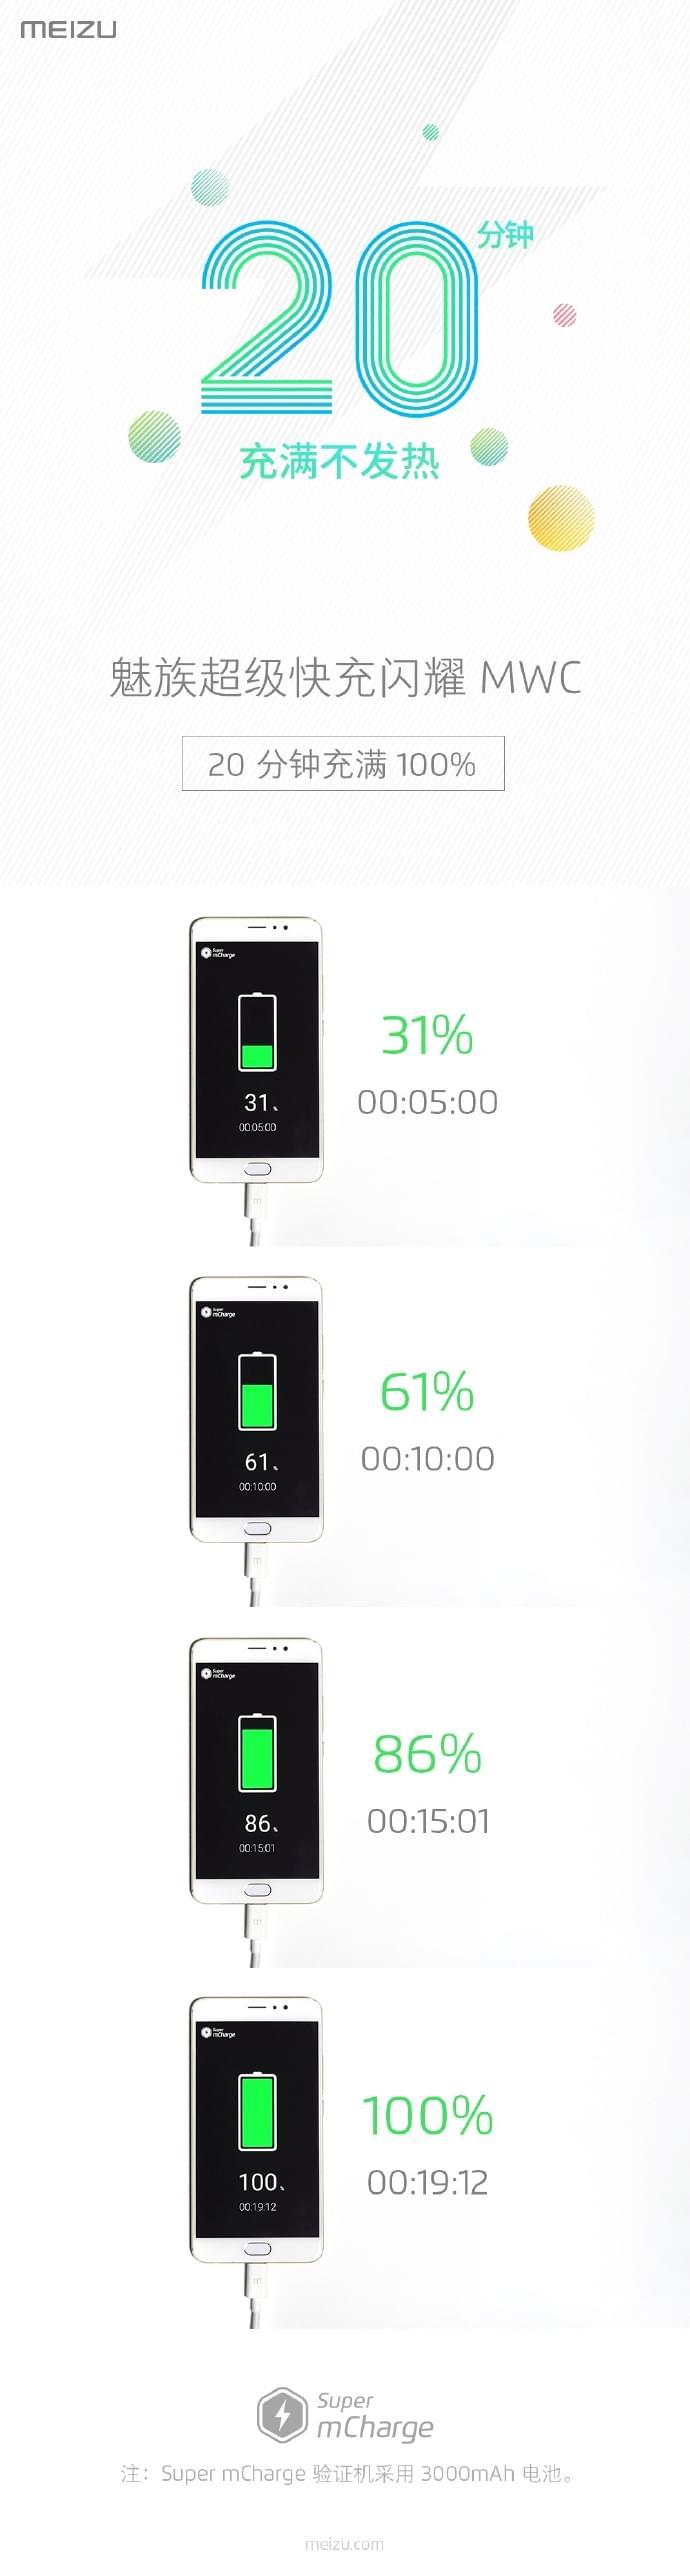 魅族超级快充发布 20分钟充满电的照片 - 6